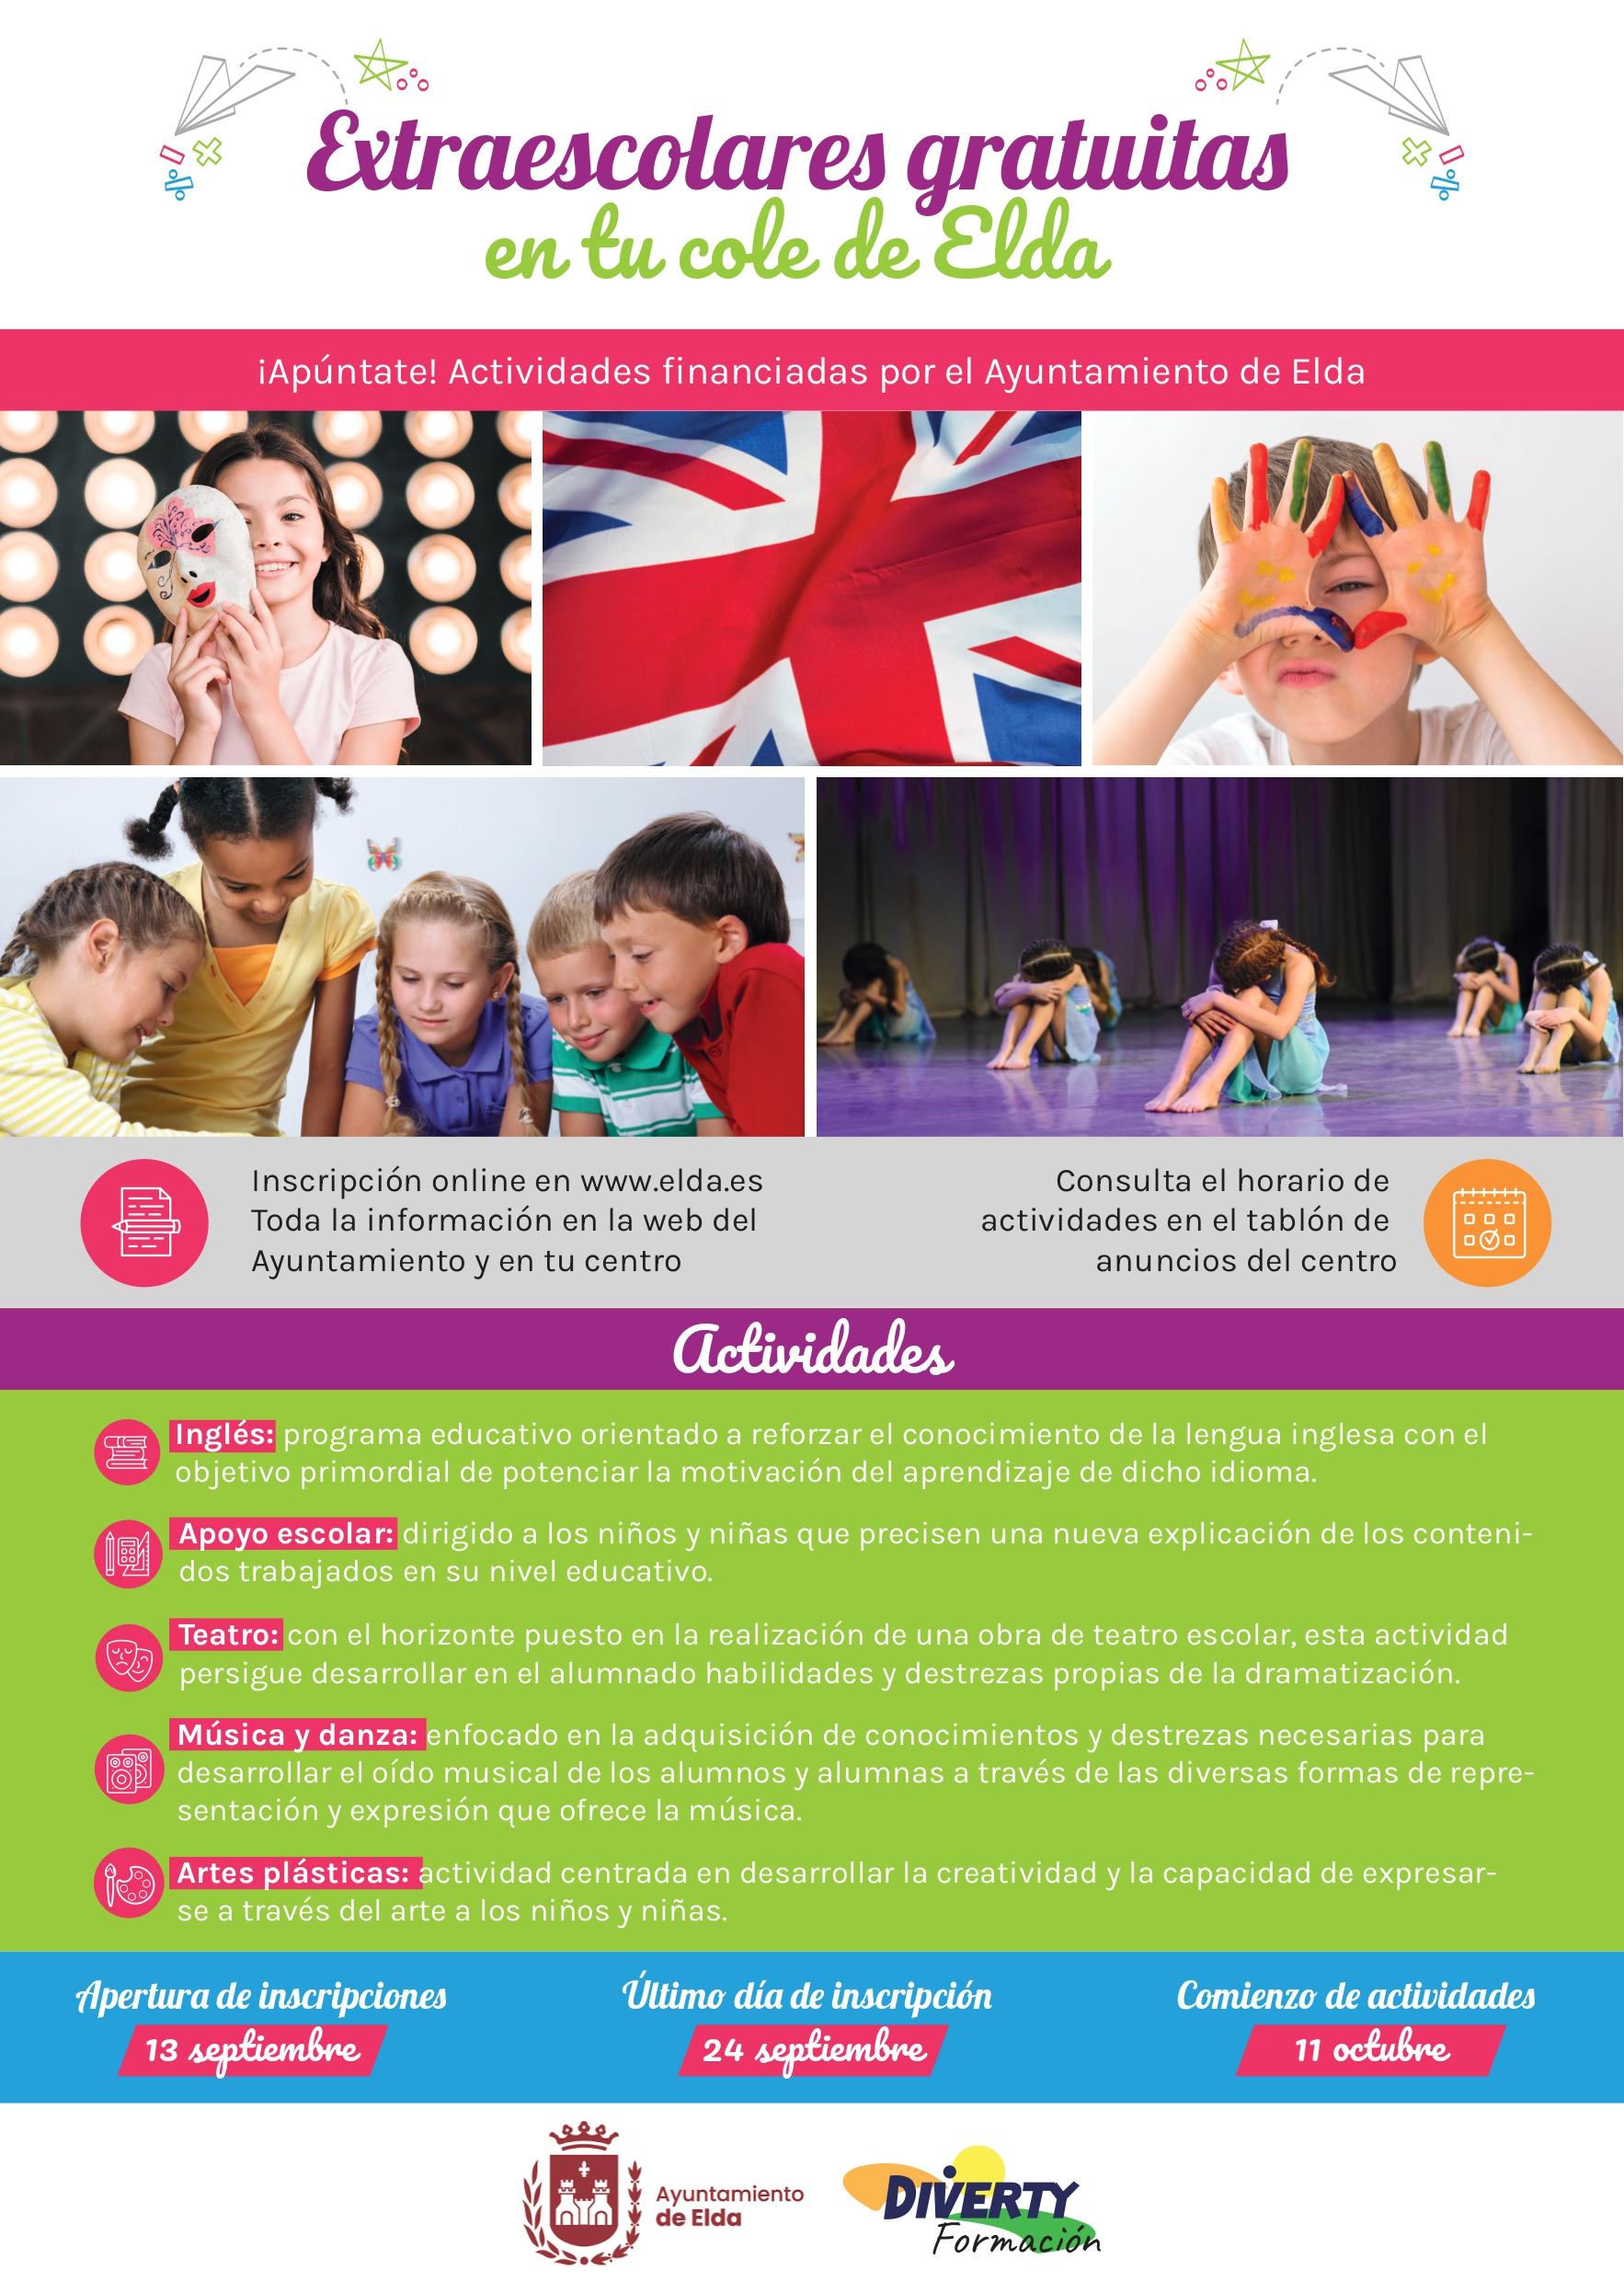 El próximo lunes se abre el plazo de inscripción de las actividades extraescolares gratuitas en los centros educativos públicos de Elda